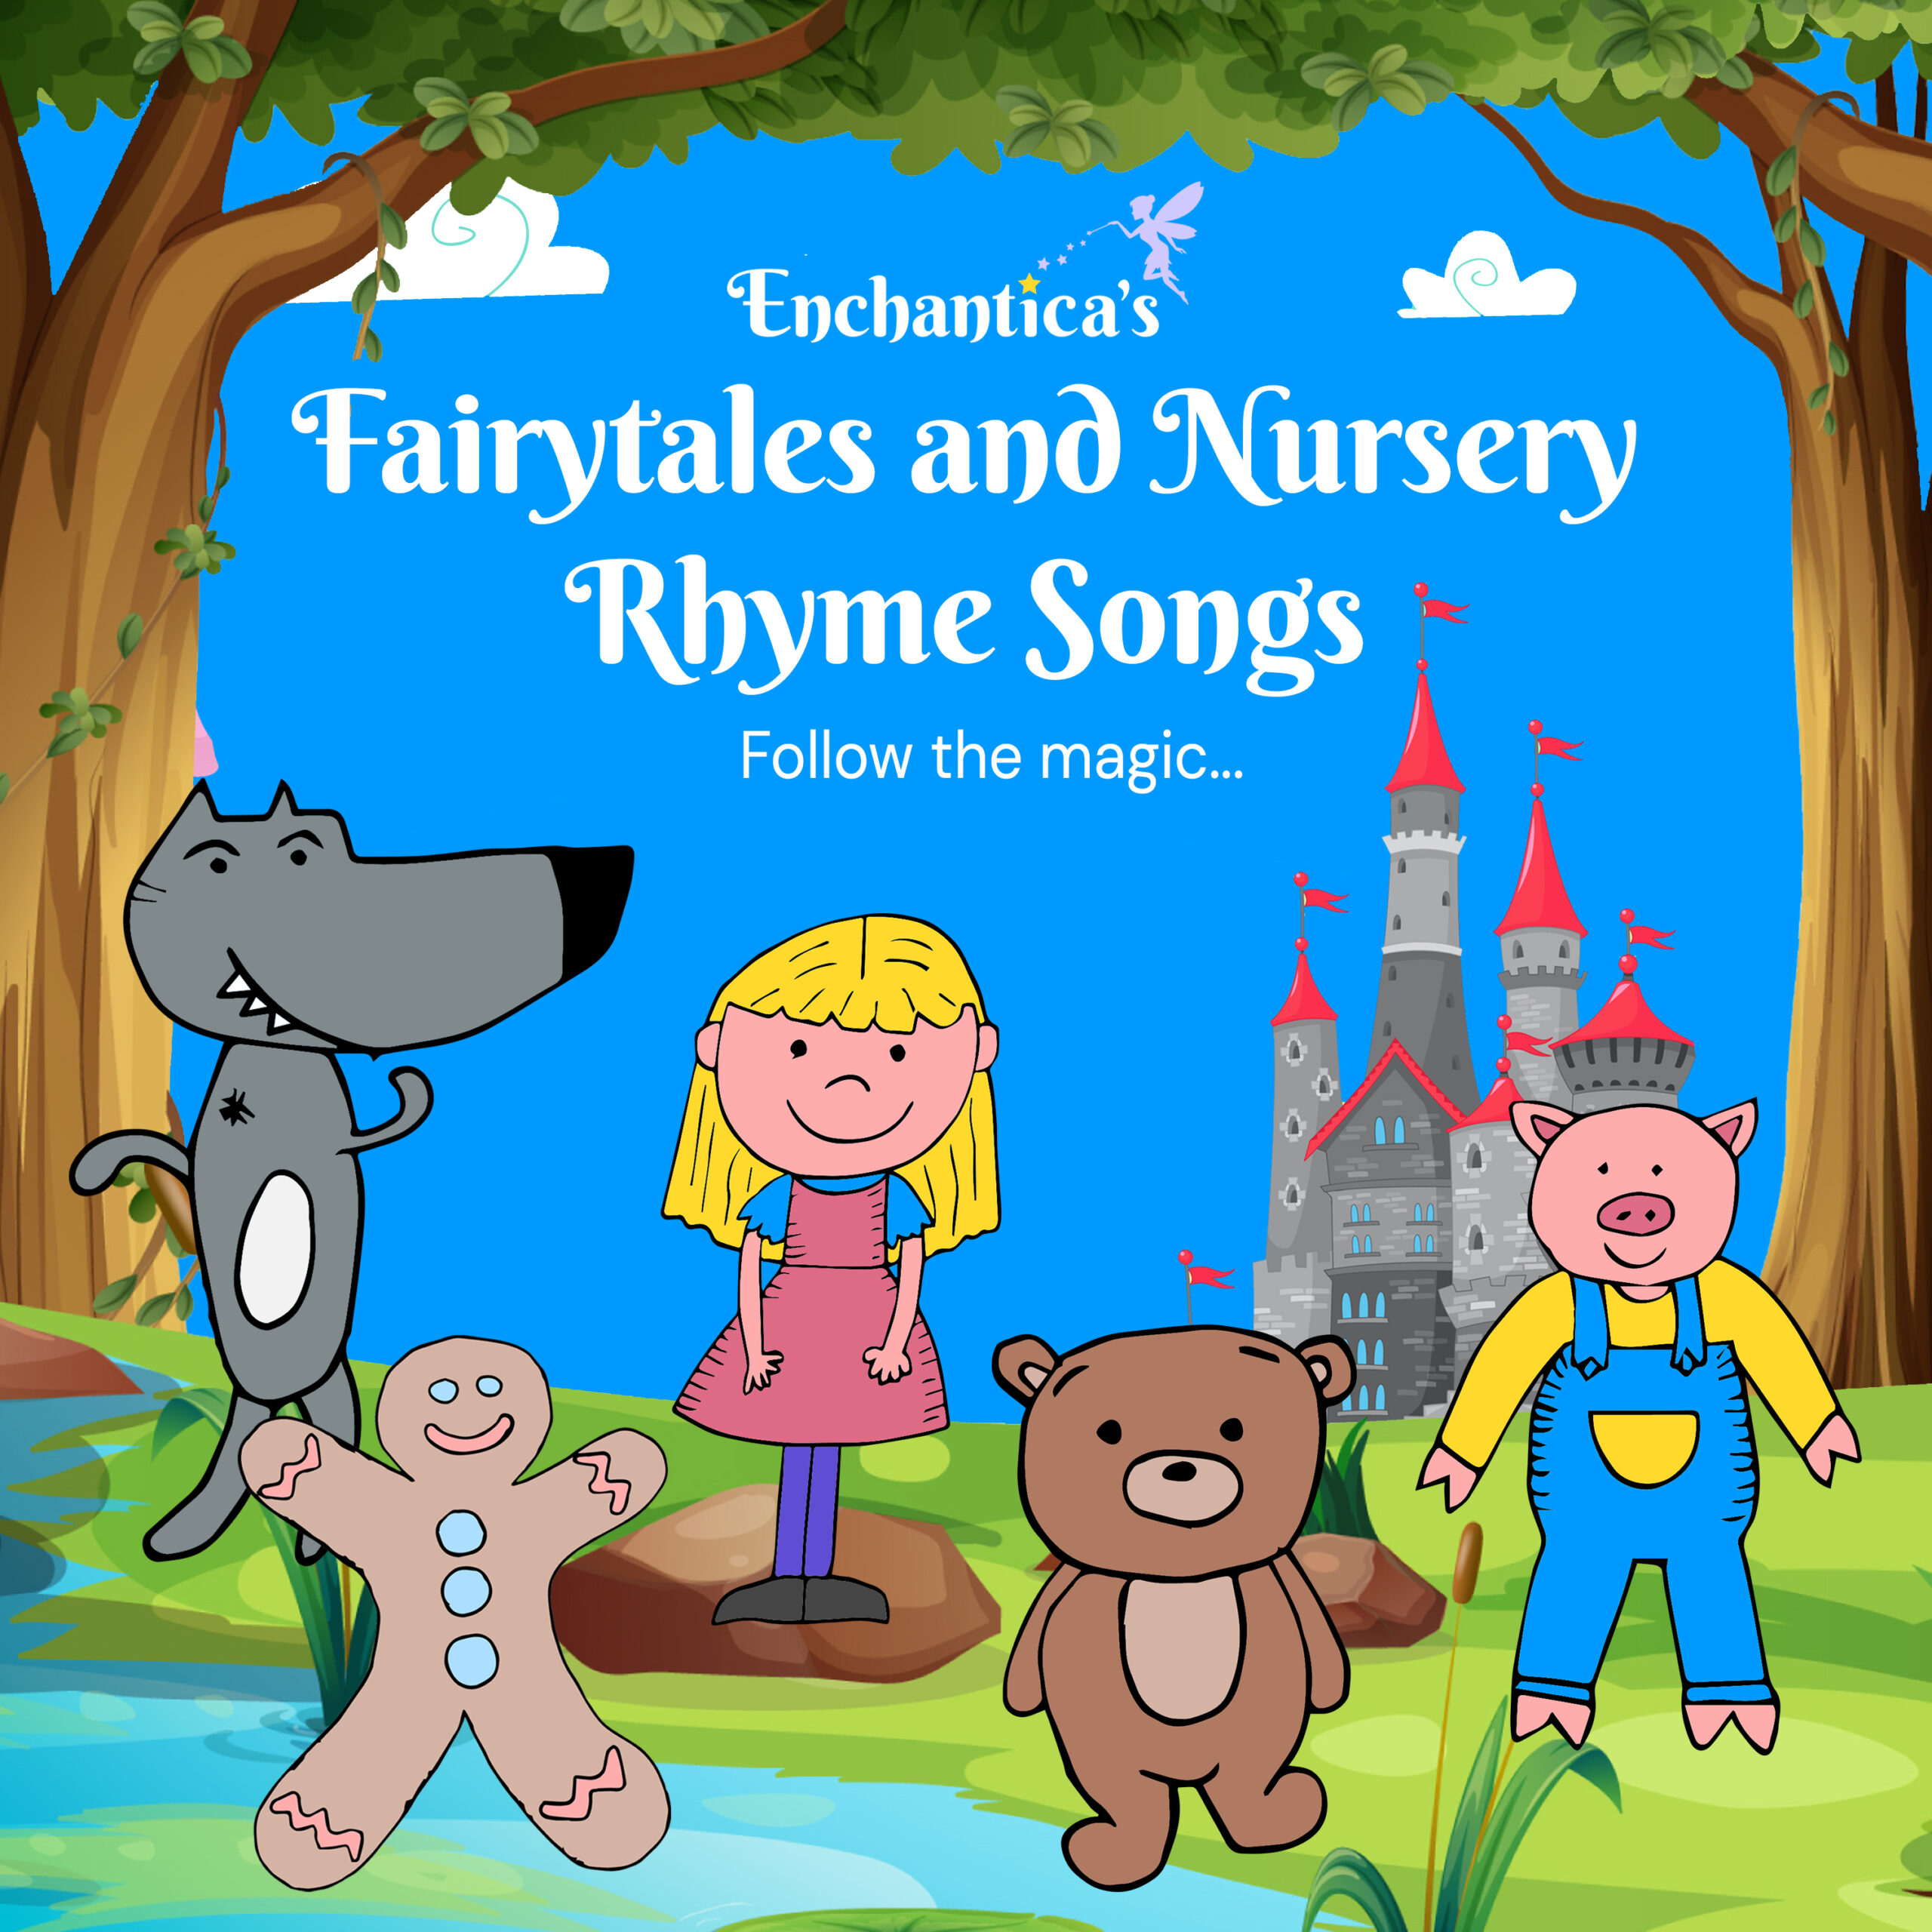 Enchantica's Fairytales and Nursery Rhyme Songs